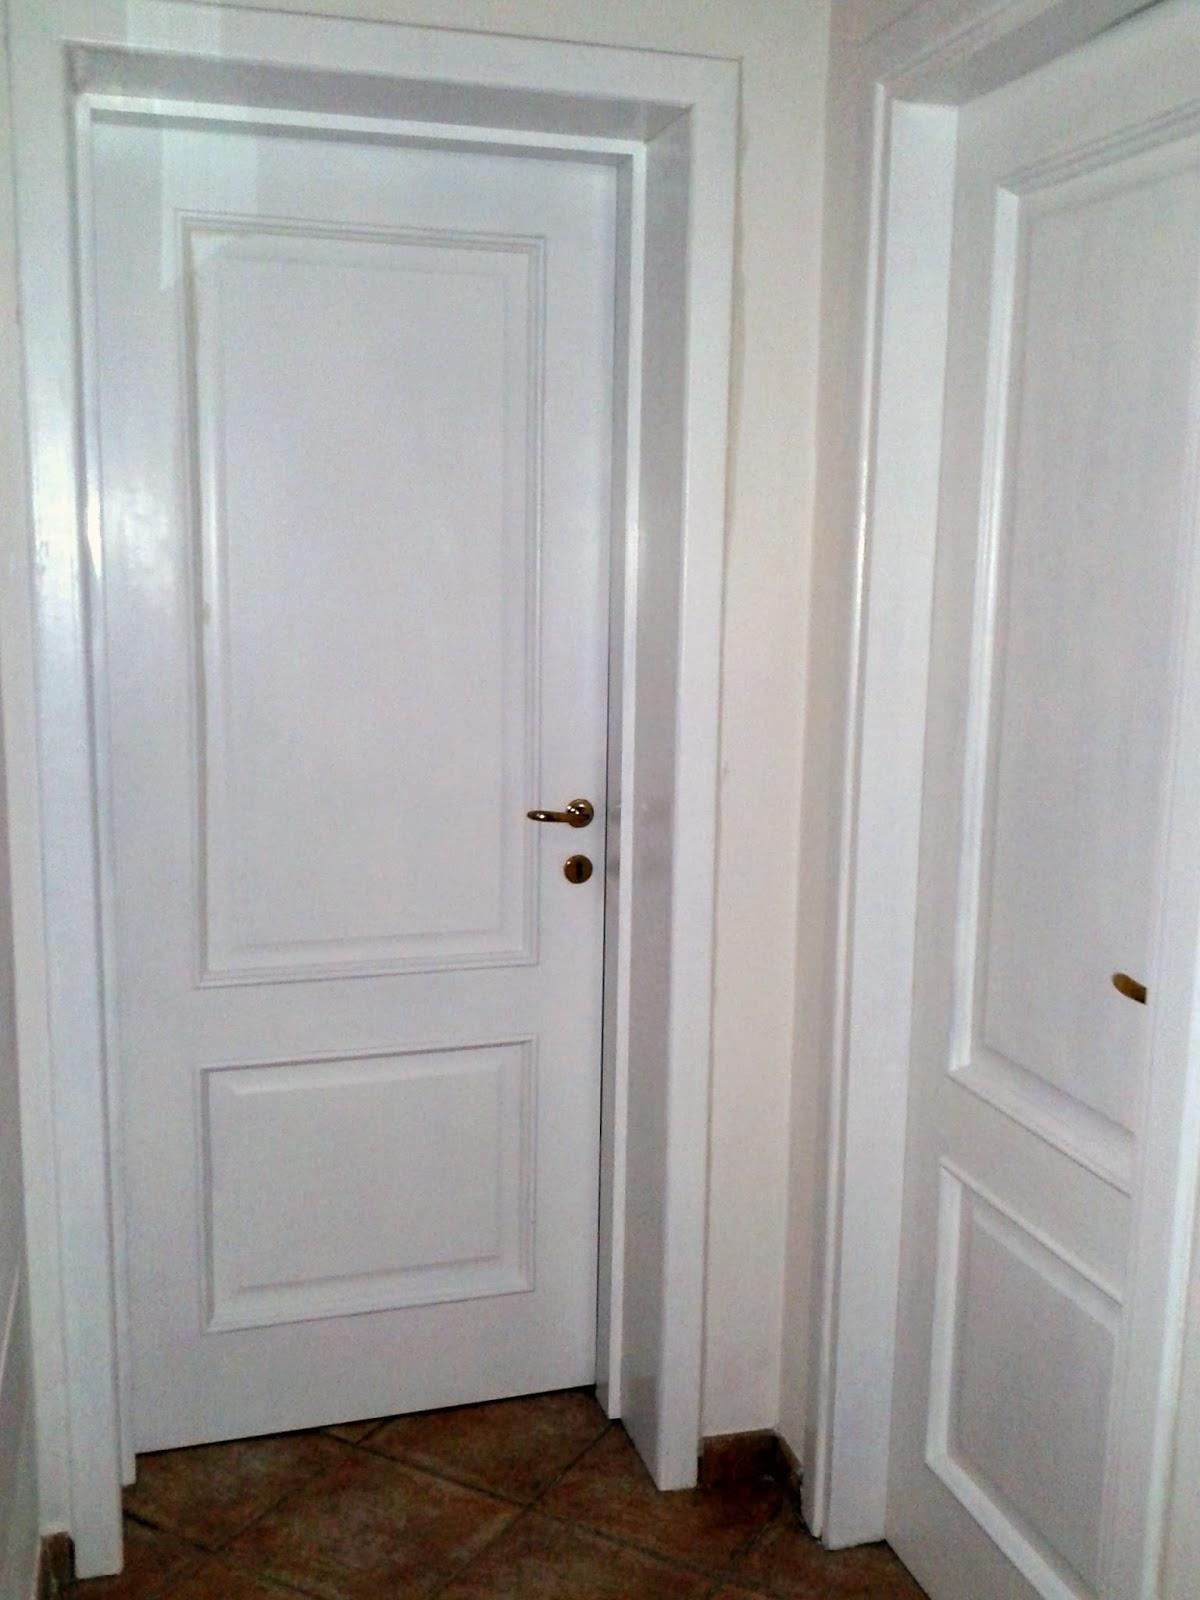 In pigiama come rinnovare le porte di casa - Come rinnovare una cucina in legno ...